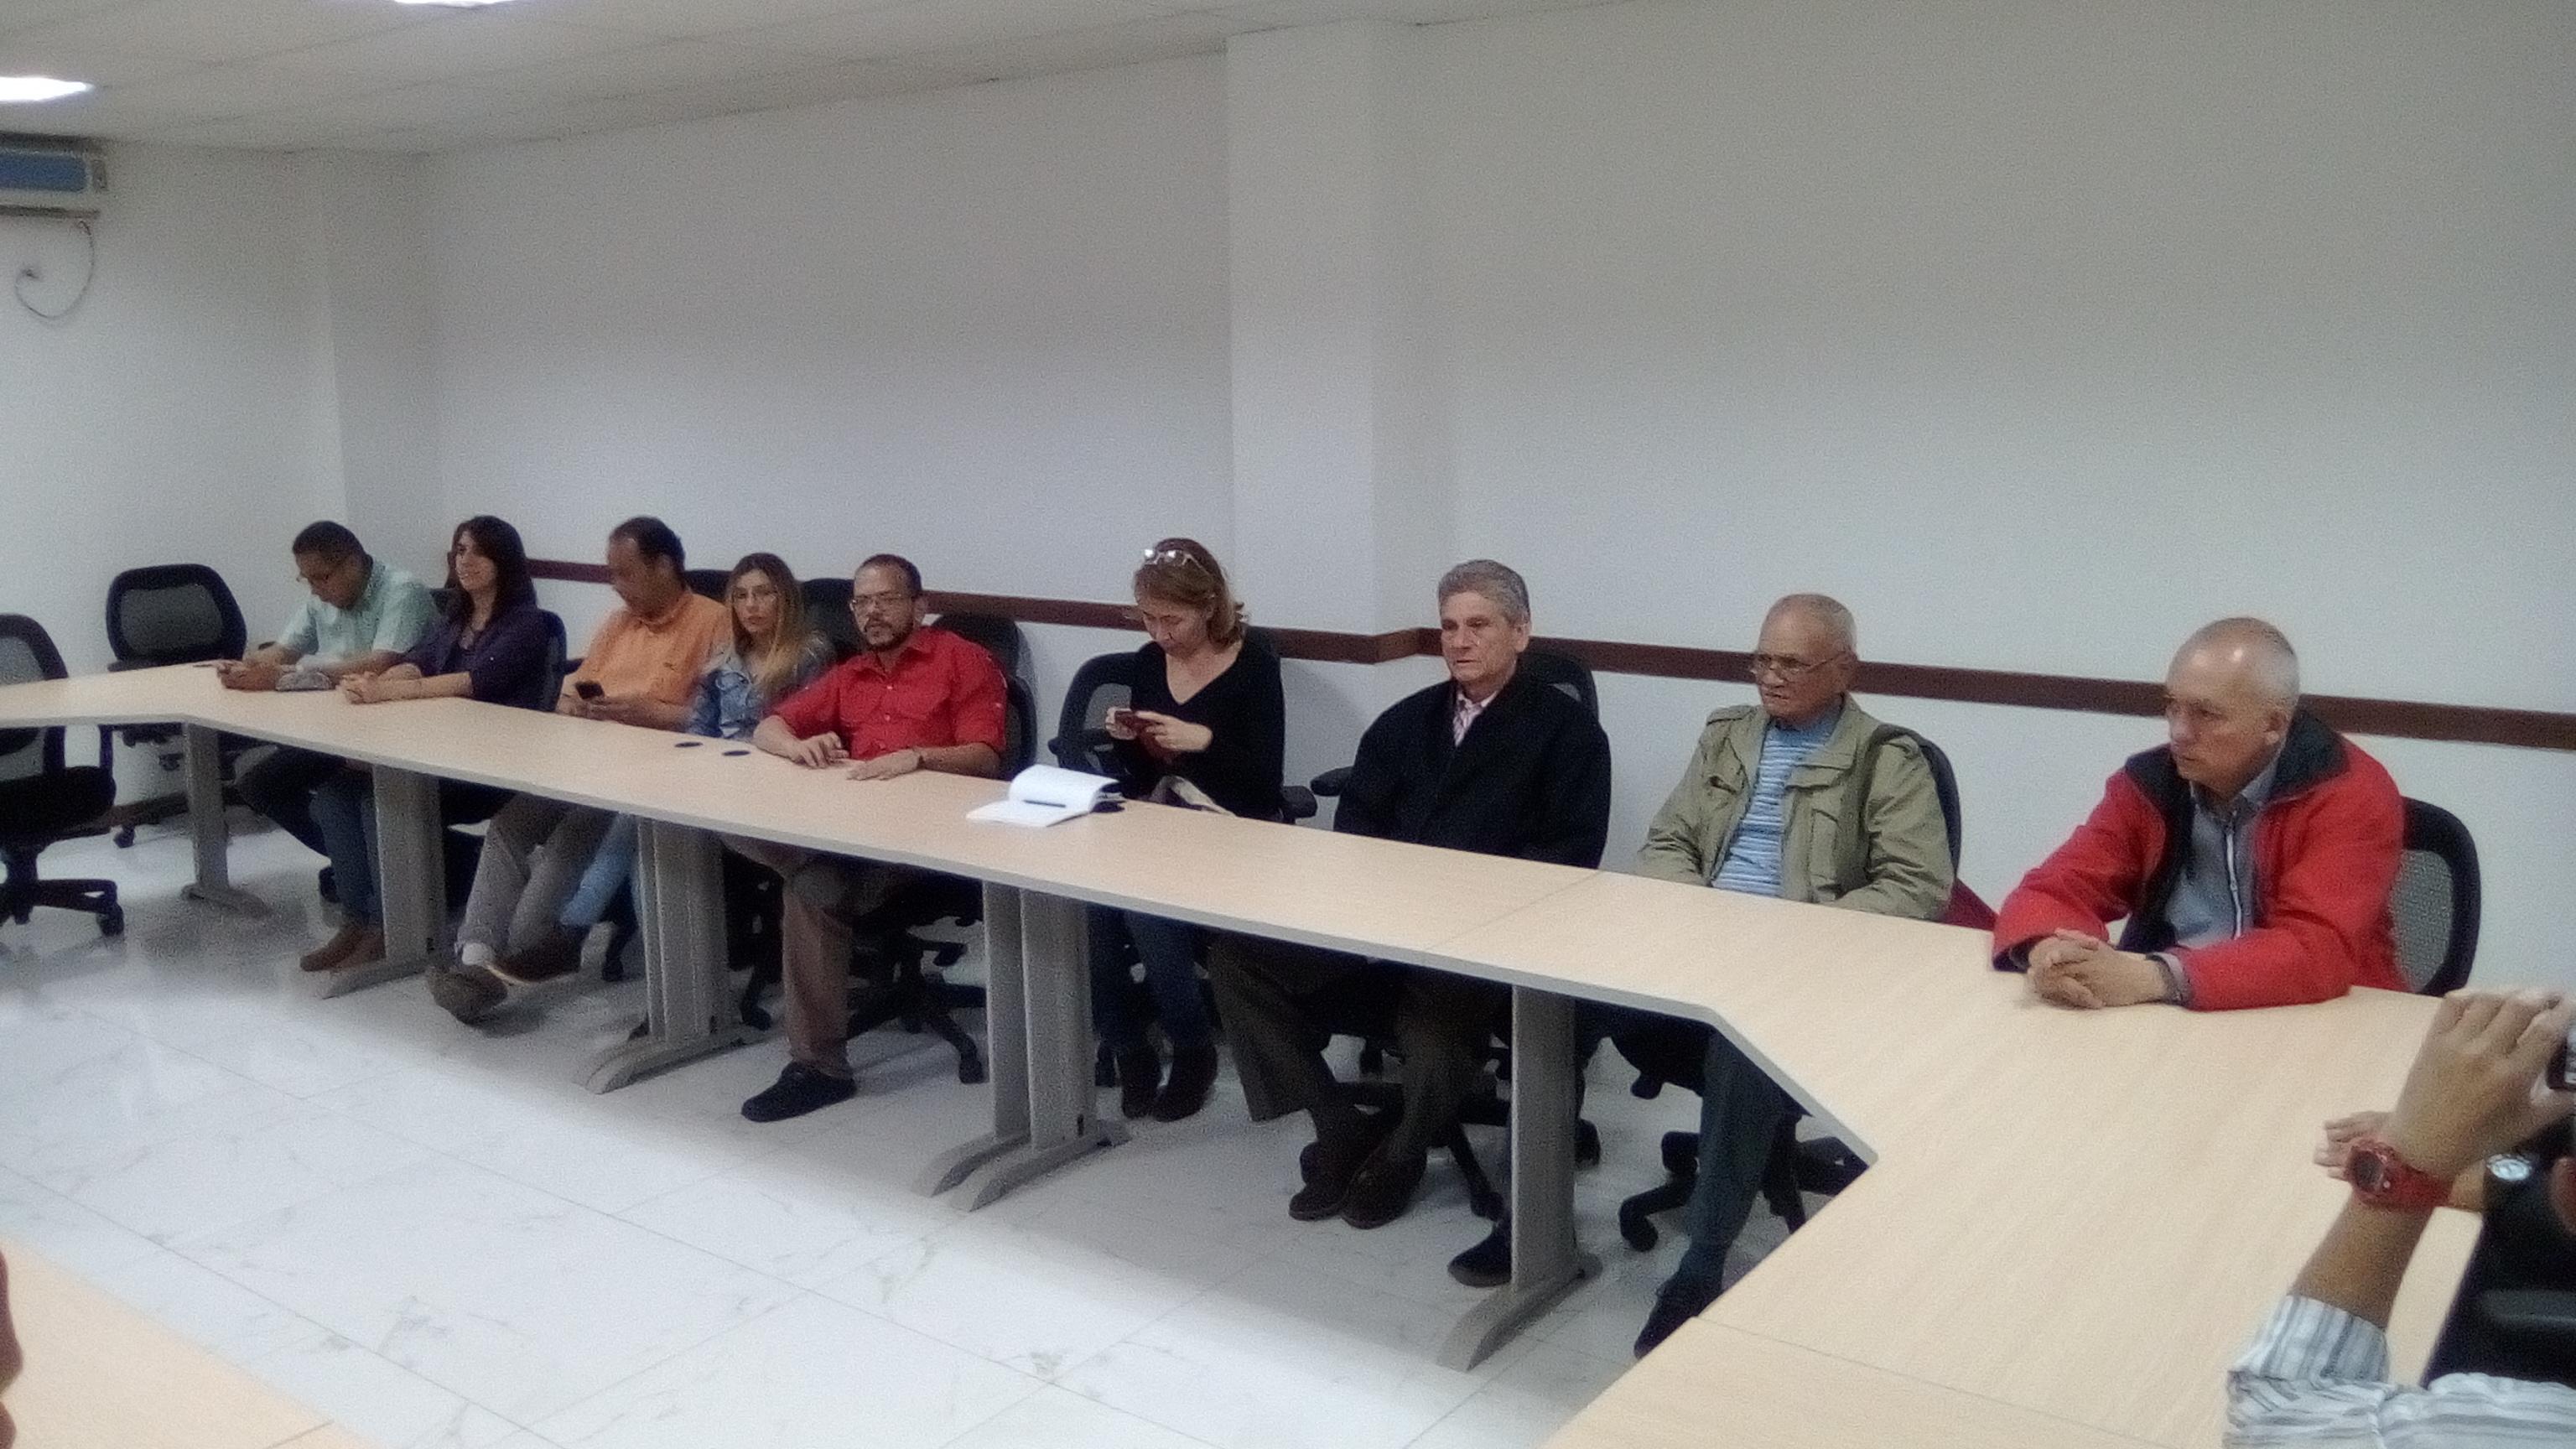 Unes y HUC suscriben convenio de cooperación interinstitucional (4)